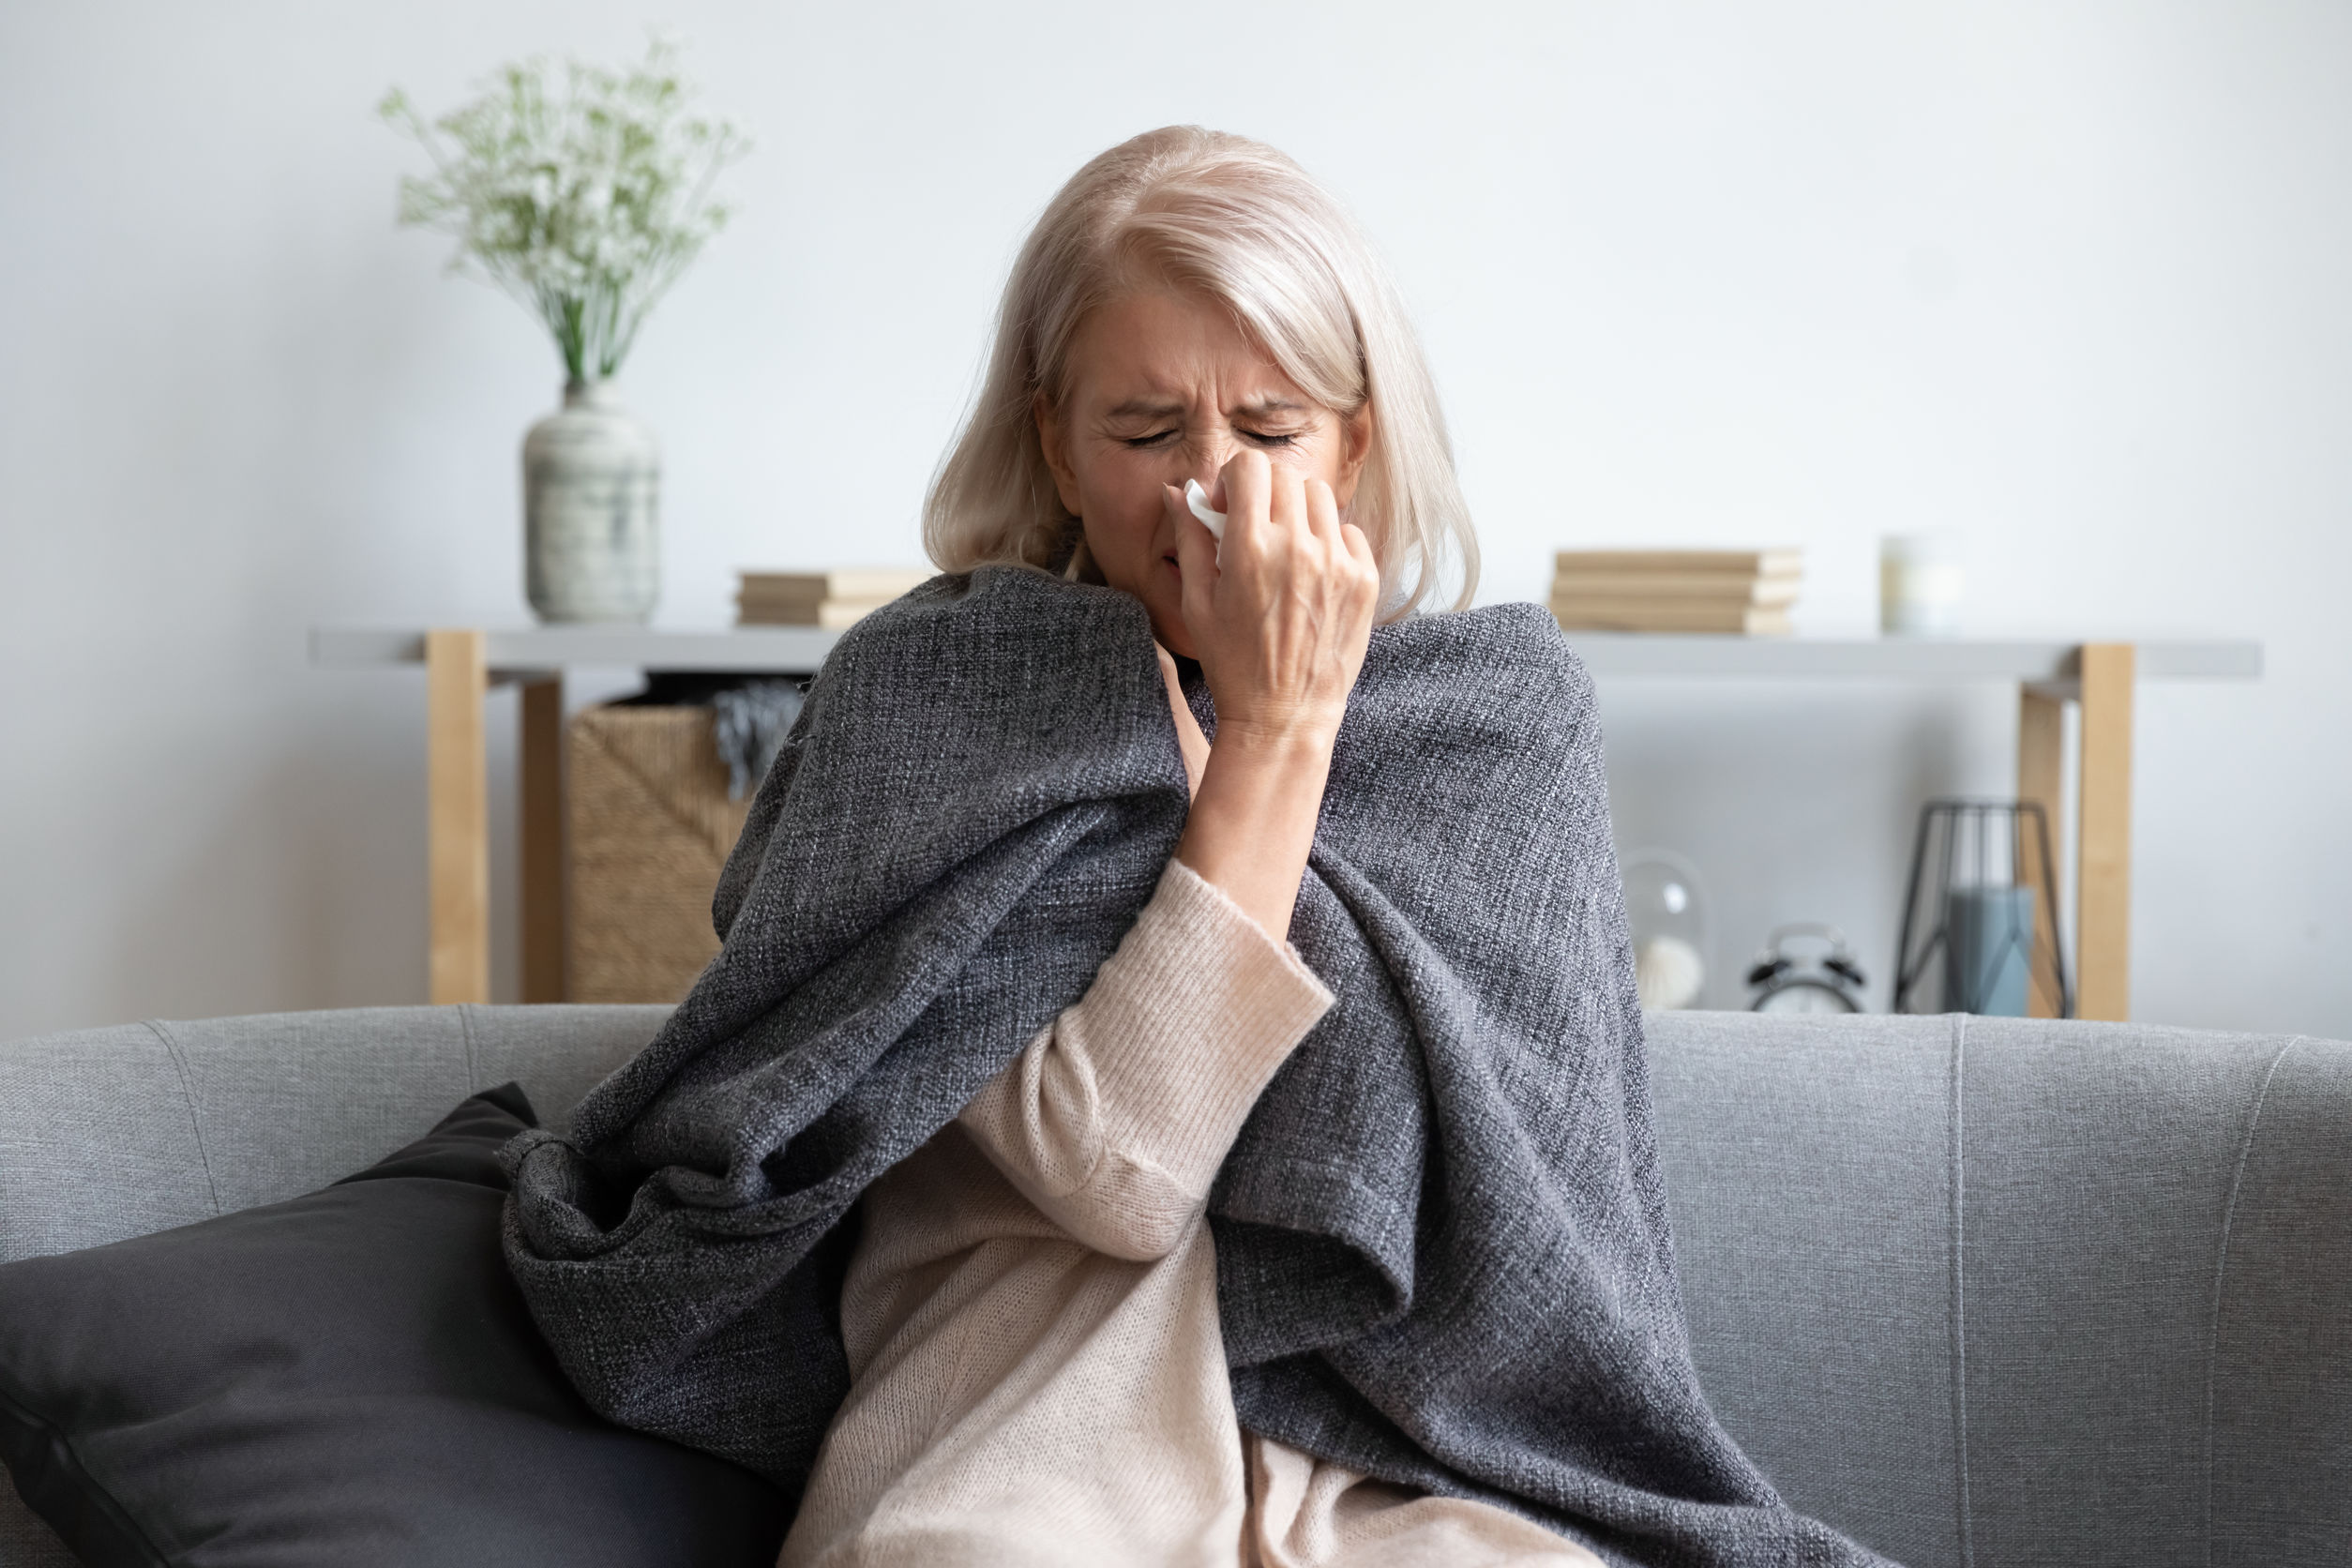 Schwaches Immunsystem: Die besten Tipps & Tricks gegen ein schwaches Immunsystem